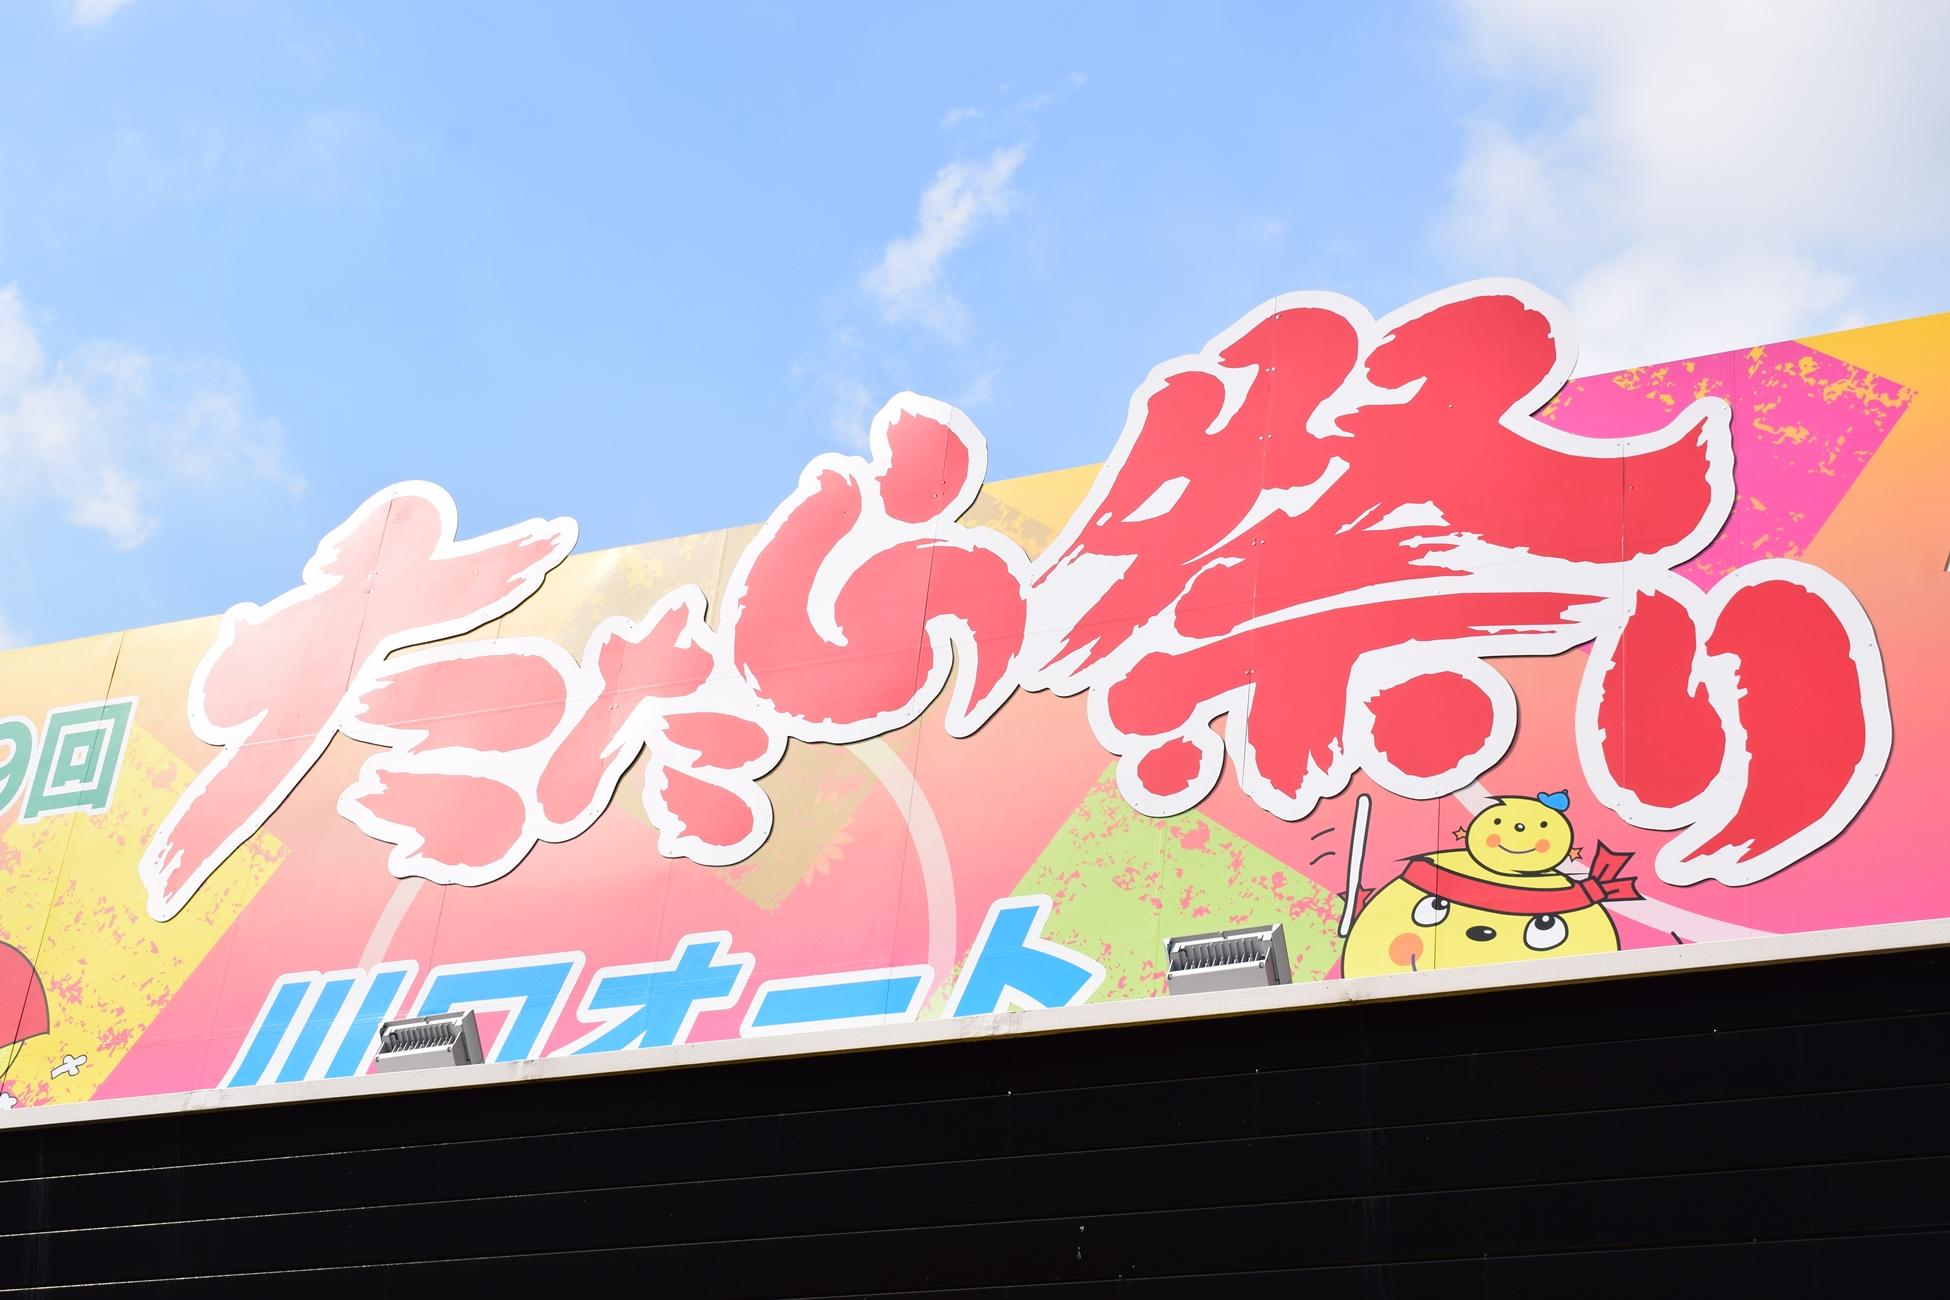 *子連れお出かけ* 夏の思い出。埼玉県川口市「たたら祭り」の記録